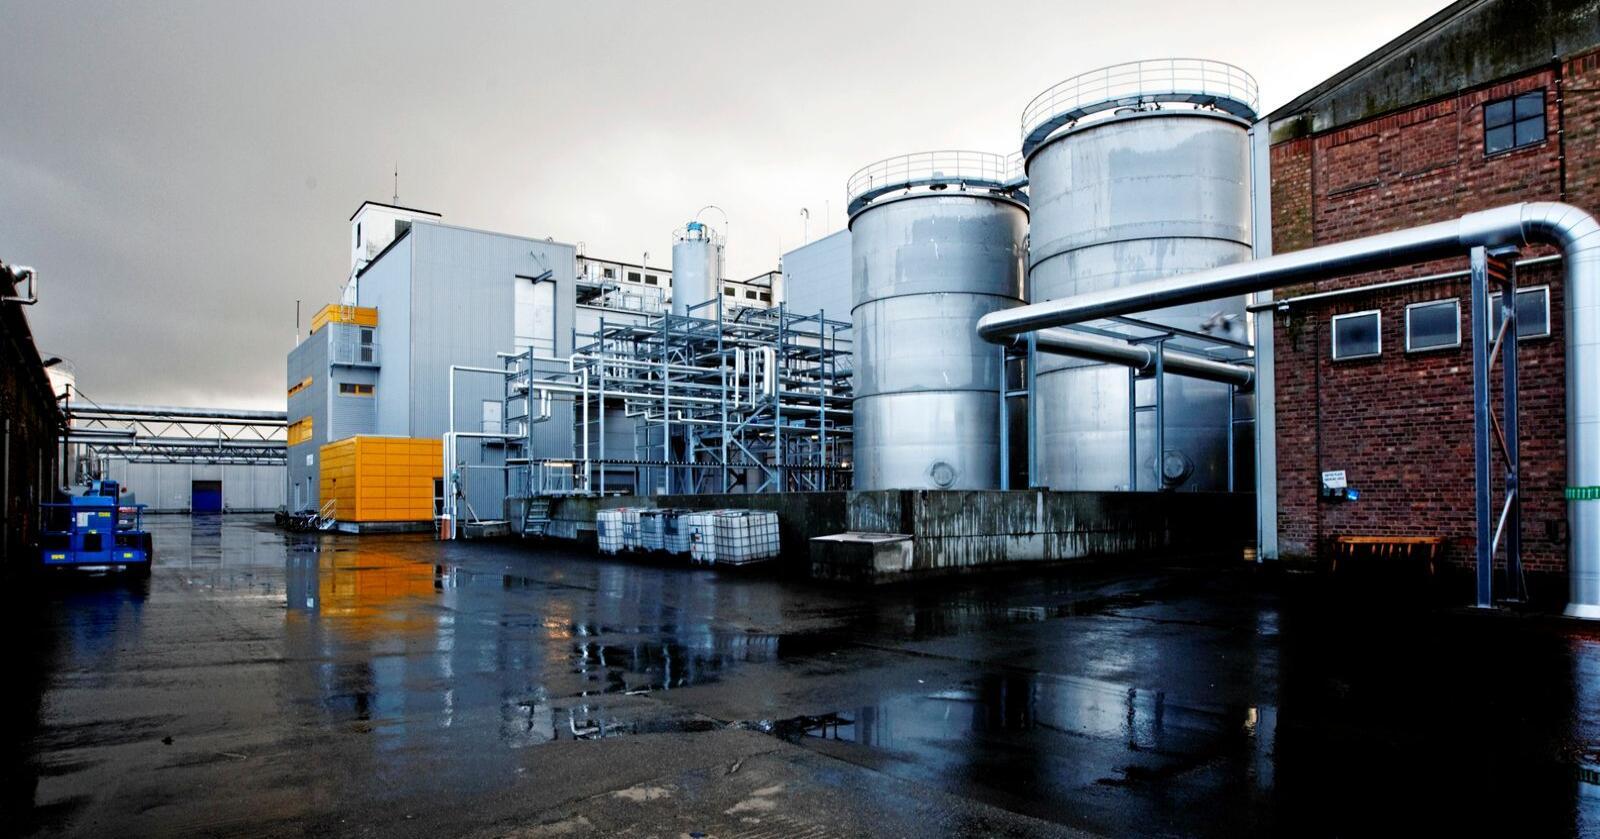 Måtte legge ned: Biodrivstoffprodusenten Uniol måtte stenge ned etter rødgrønn avgiftsøkning i 2009. Nå er historien i ferd med å gjenta seg. Foto: Cornelius Poppe/NTB scanpix